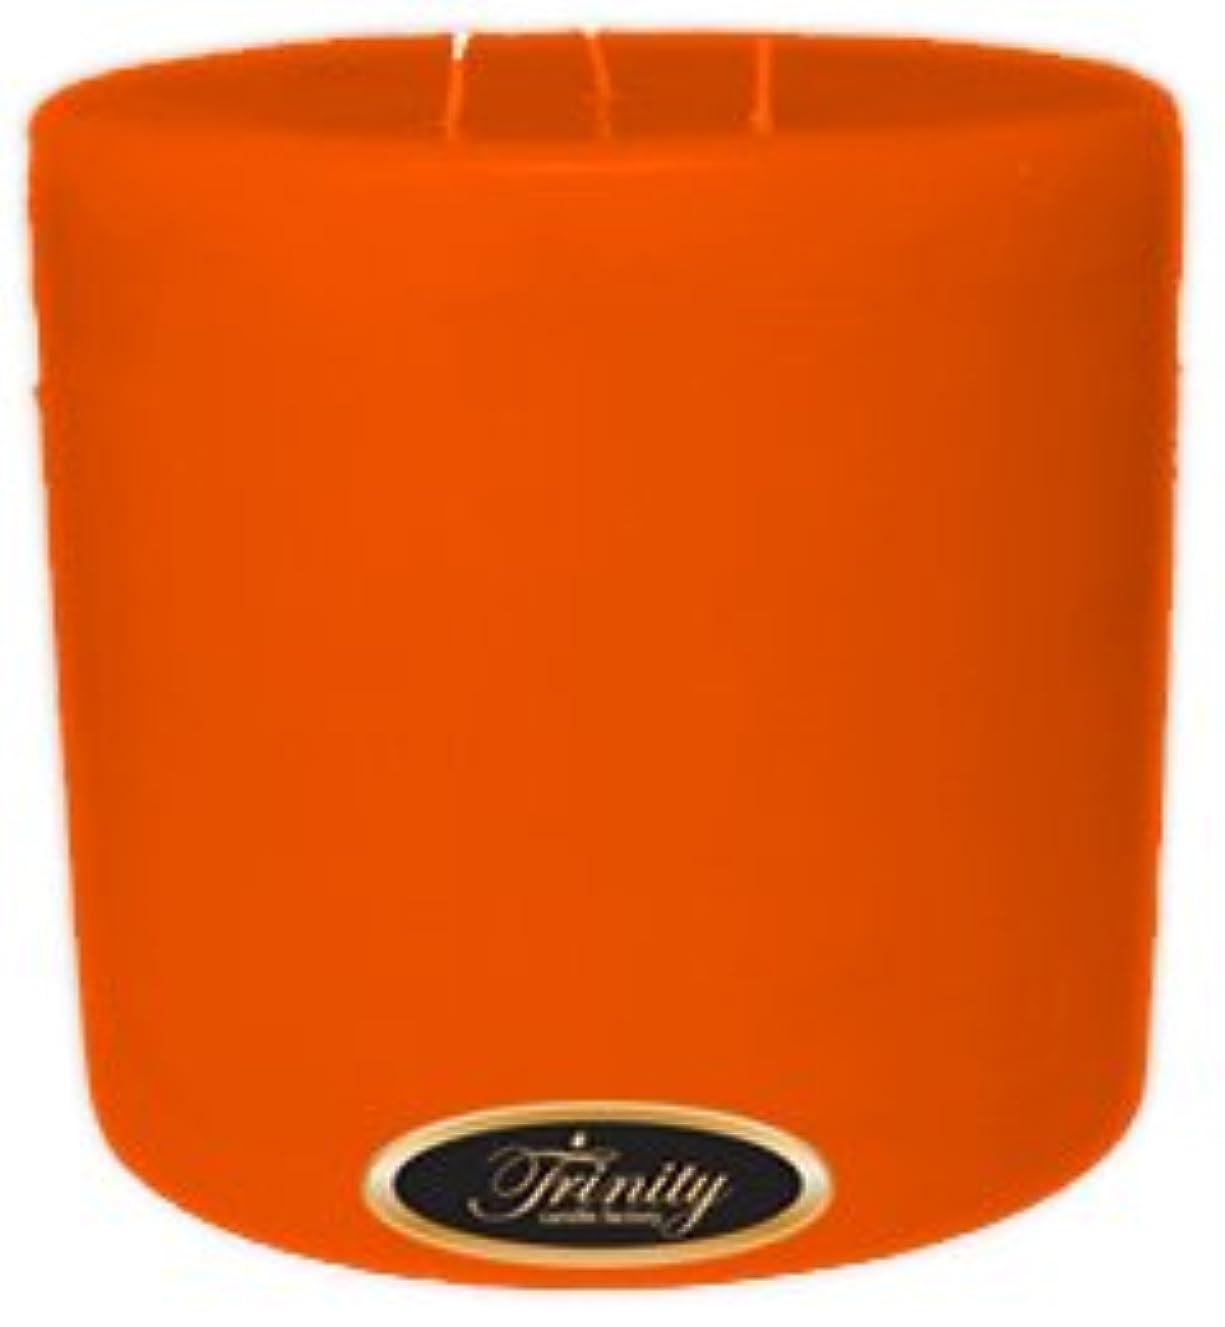 路面電車フォアタイプ悪魔Trinity Candle工場 – フロリダオレンジ – Pillar Candle – 6 x 6